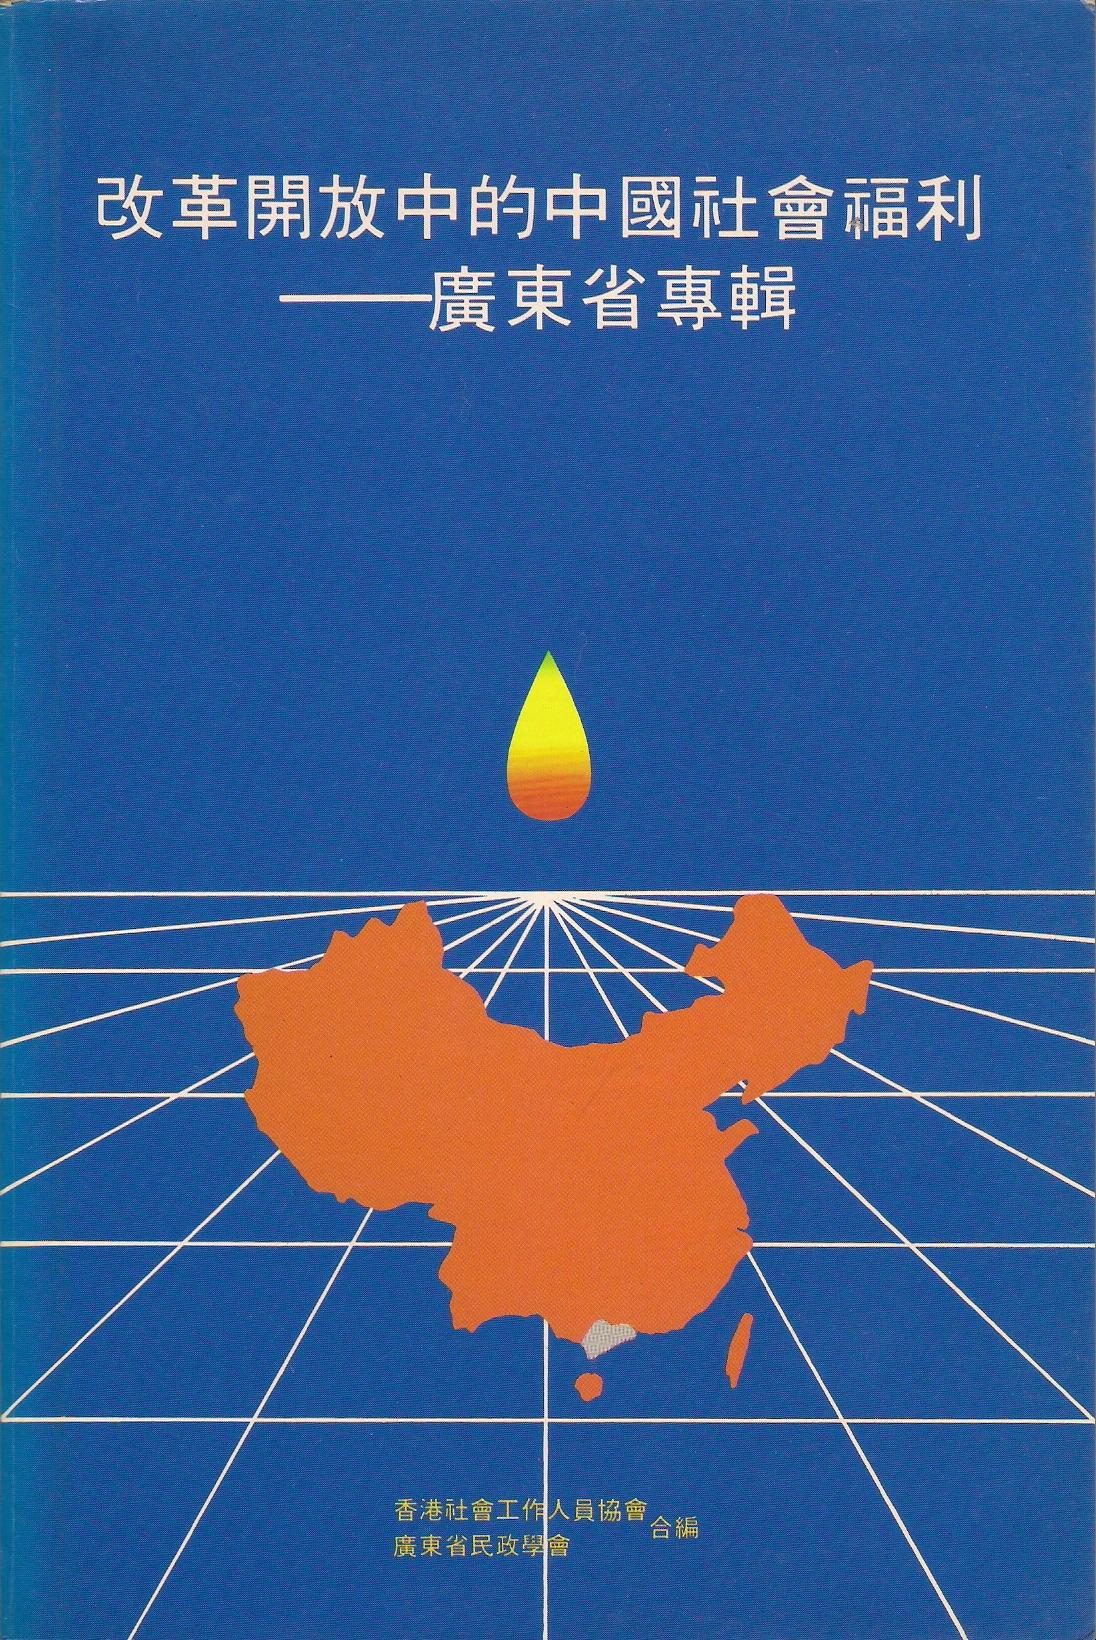 改革開放中的人國社會福利—廣東省專輯